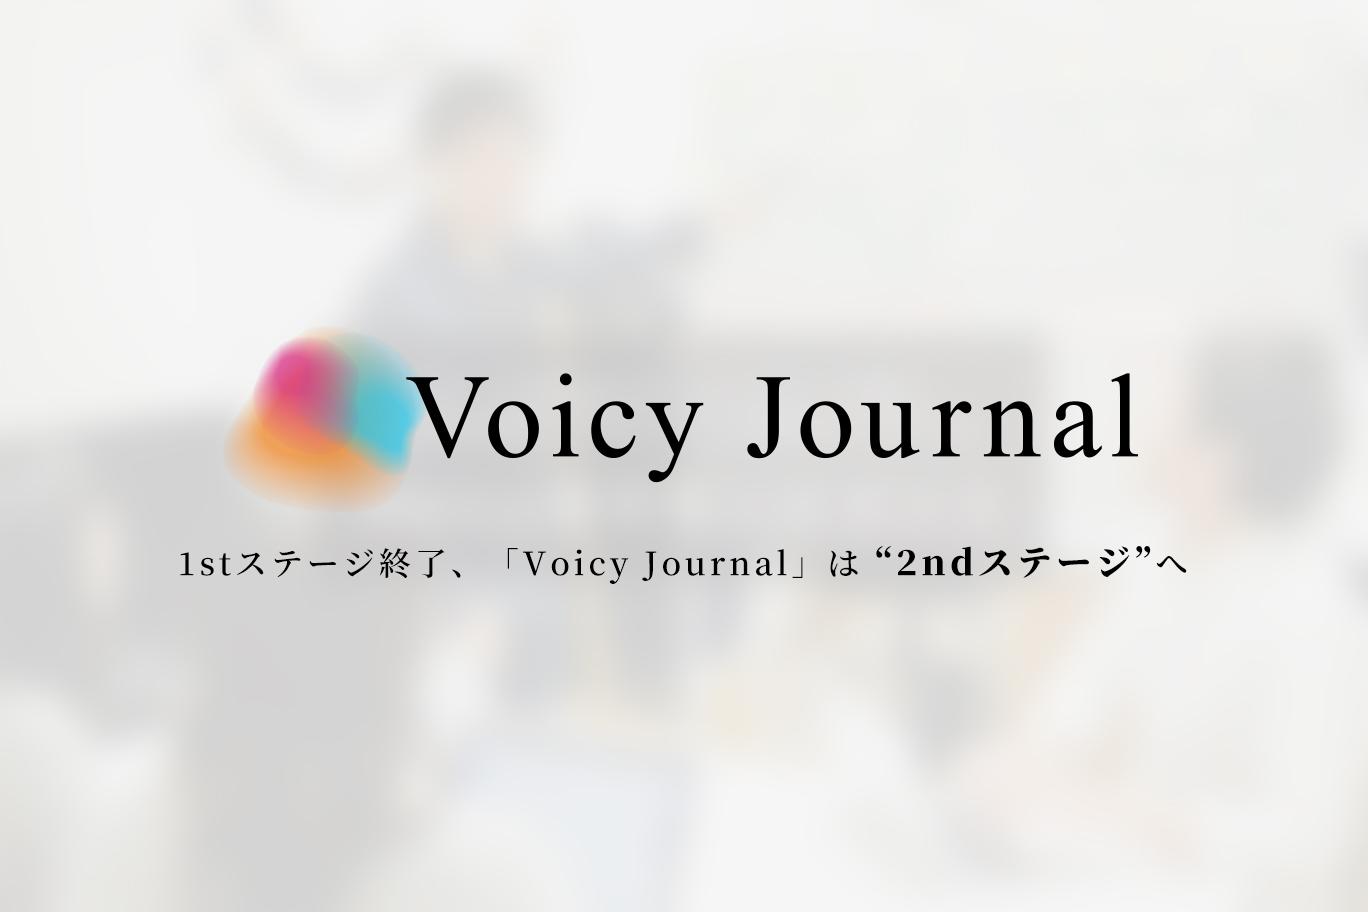 Voicy Journal 1stステージ終了!少しの間充電期間に入ります